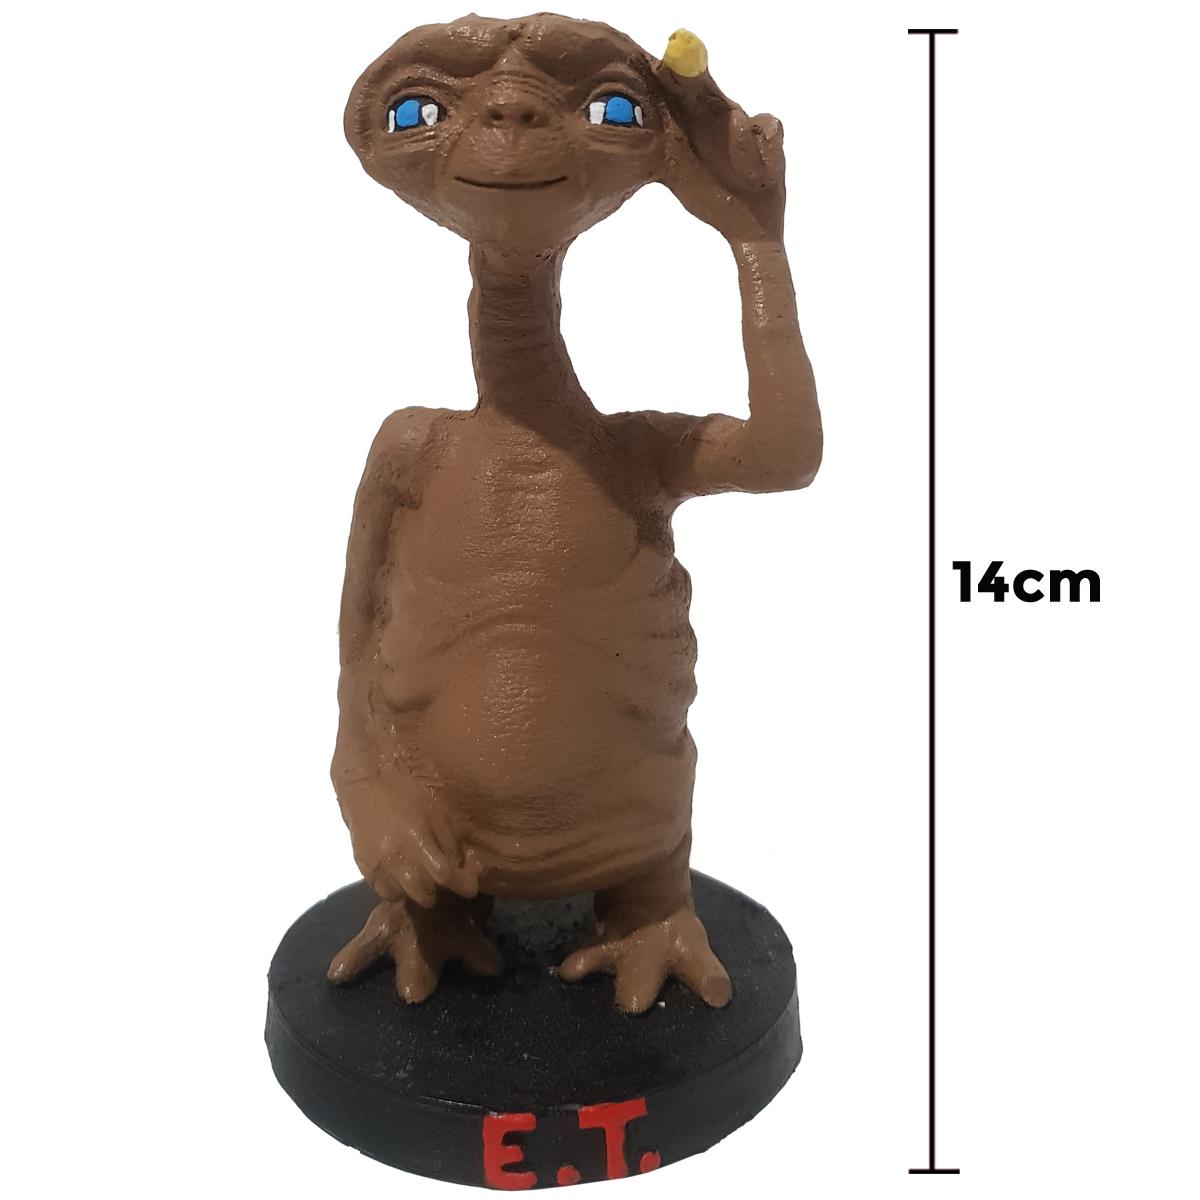 Boneco ET Filme Action Figure 14cm